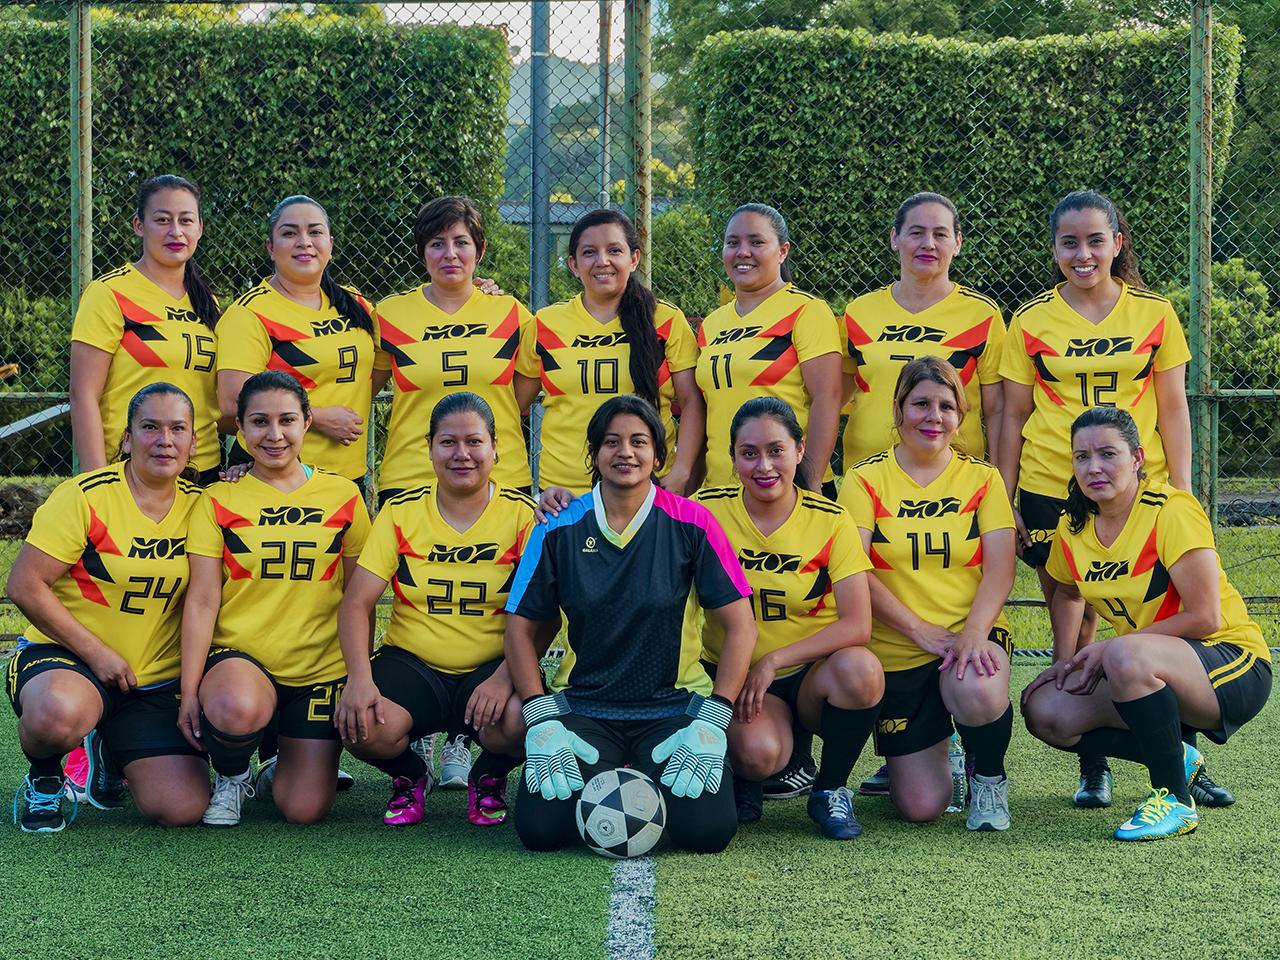 MOP y Asamblea Legislativa a gran final de campeonato de papi fútbol femenino